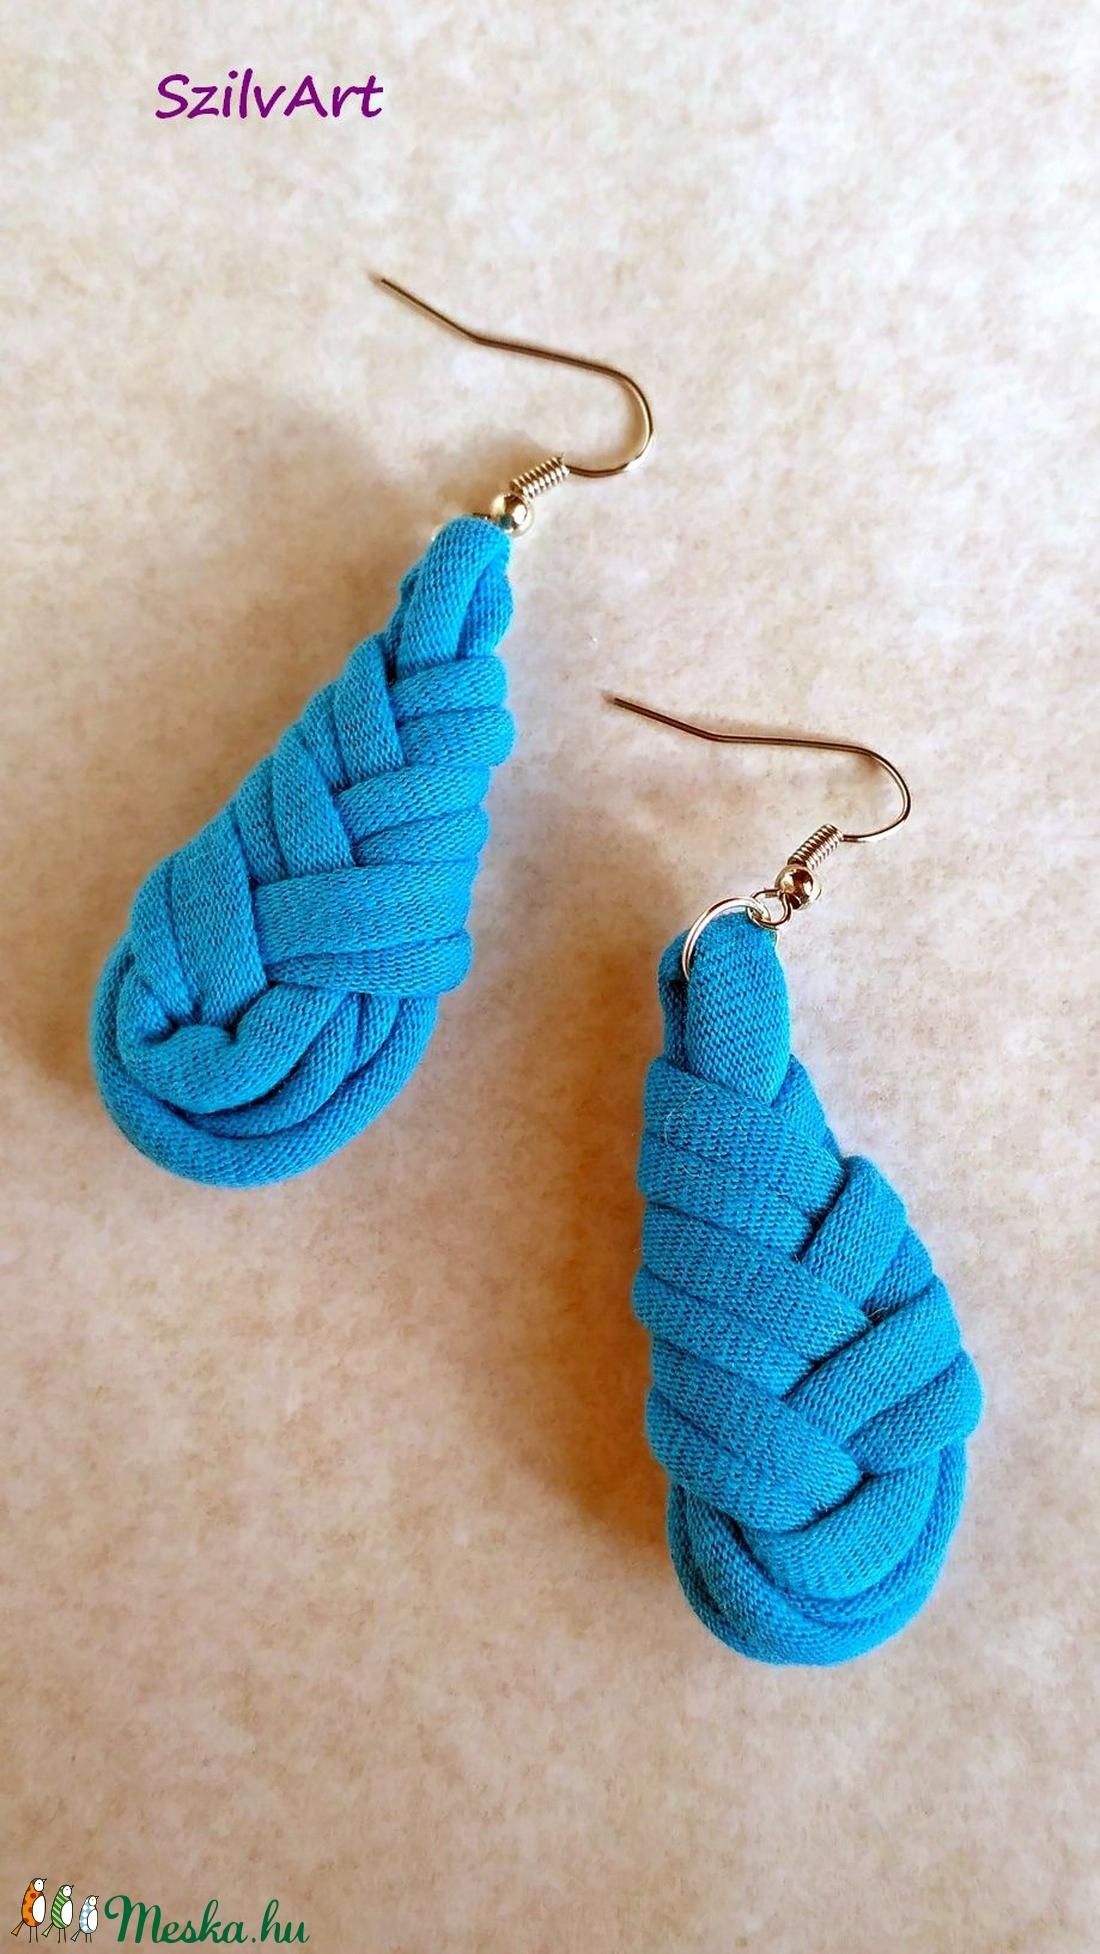 Csepp alakú textil fülbevaló - türkiz kék (artsisters) - Meska.hu